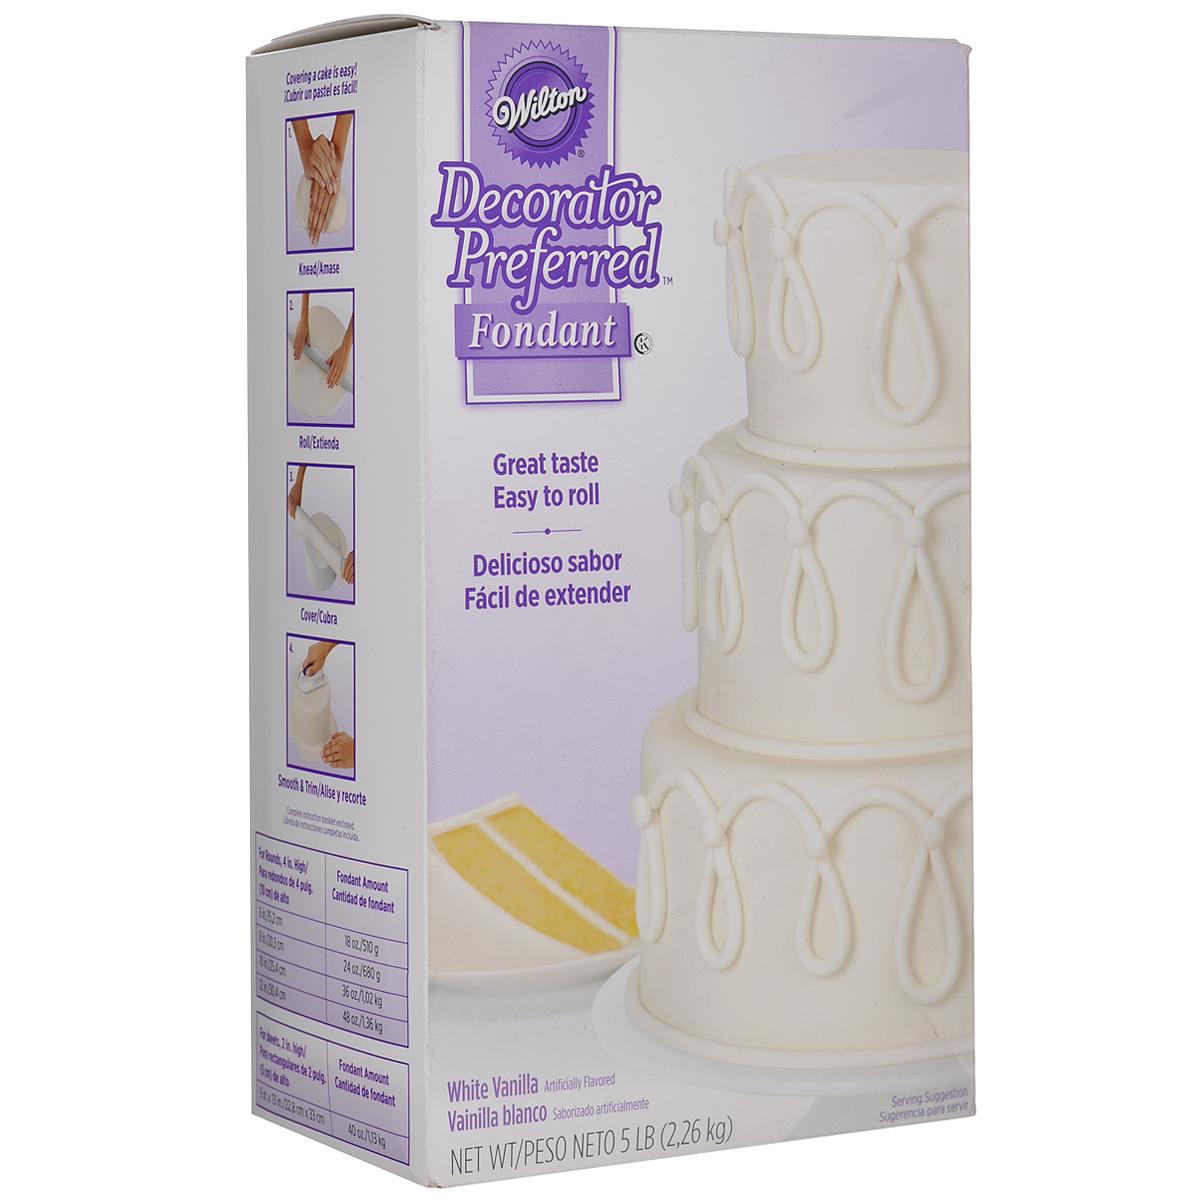 Декоративная мастика Wilton, цвет: белый, 2,3 кг0120710Декоративная мастика Wilton позволит создать прекрасные украшения для тортов. Оптимальное соотношение вкуса, текстуры и функциональности: содержит экстракт ванили, кремовая эластичная структура, яркая цветовая гамма. С помощью мастики можно ровно покрыть торт, создавать 3D украшения, которые хорошо держат свою форму. Приятный аромат ванили понравится вашим гостям! С этой вкусной сахарной мастикой вы сможете легко создавать прекрасные украшения для тортов. Состав: сахар, пшеничный сироп, пальмовое масло, глицерин, трагакант, крахмал тапиоки, карбоксиметил целлюлоза натрия (краситель), ацетат натрия, уксусная кислота. Масса нетто: 2,3 кг. Пищевая ценность на 100 г: жиры - 6 г, белок - 0 г, углеводы - 80 г, в т.ч. сахар - 80 г, натрий - 0 мг. Энергетическая ценность: 372 Ккал. Товар сертифицирован.